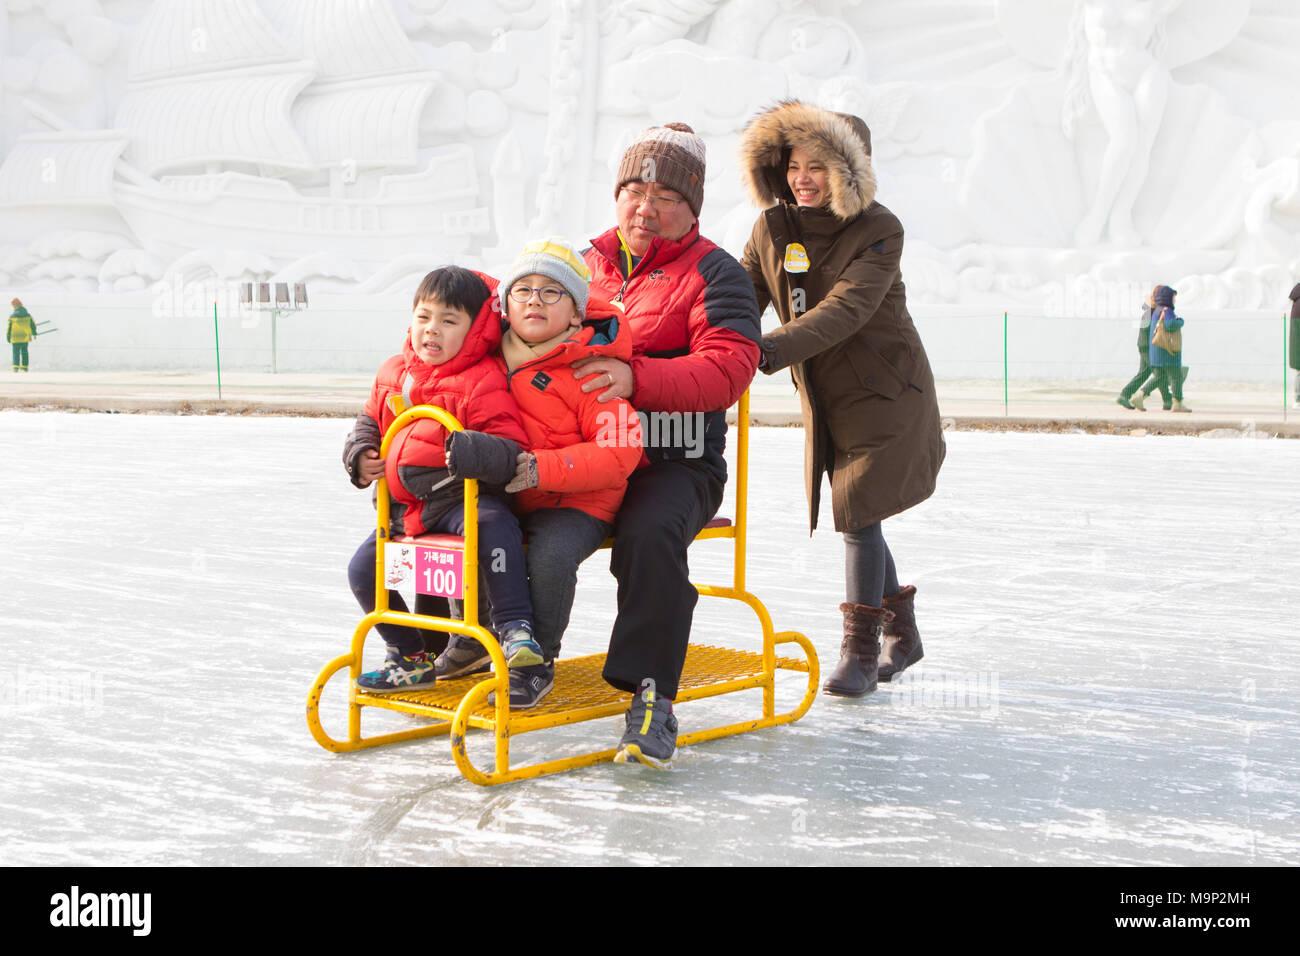 Una familia de Asia se divierten en un grupo sled en un río congelado. El Festival de hielo Sancheoneo Hwacheon es una tradición para el pueblo coreano. En enero de cada año las multitudes se reúnen en el río congelado para celebrar el frío y la nieve del invierno. Su principal atractivo es la pesca sobre hielo. Jóvenes y viejos esperar pacientemente a través de un pequeño agujero en el hielo para una trucha a morder. En carpas pueden dejar el pescado a la parrilla después de que se comen. Entre otras actividades están el trineo y patinaje sobre hielo. La cercana región Pyeongchang será el anfitrión de los Juegos Olímpicos de Invierno en febrero de 2018. Foto de stock